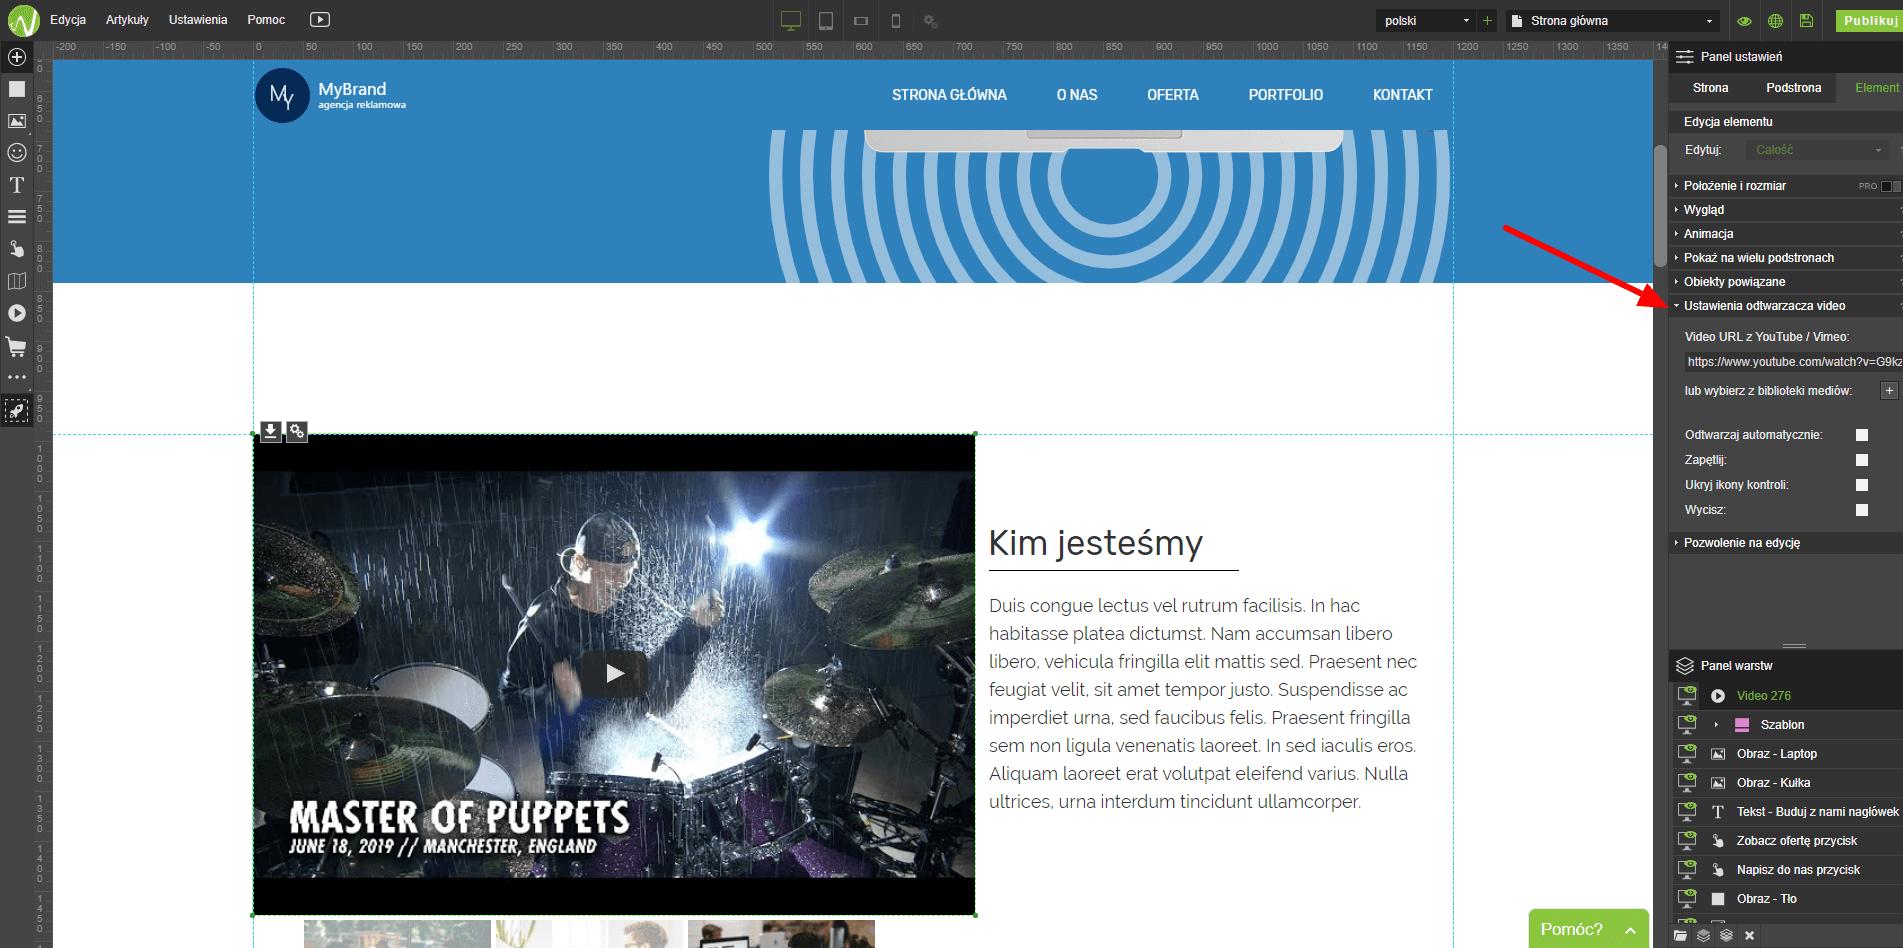 Podłączona strona internetowa